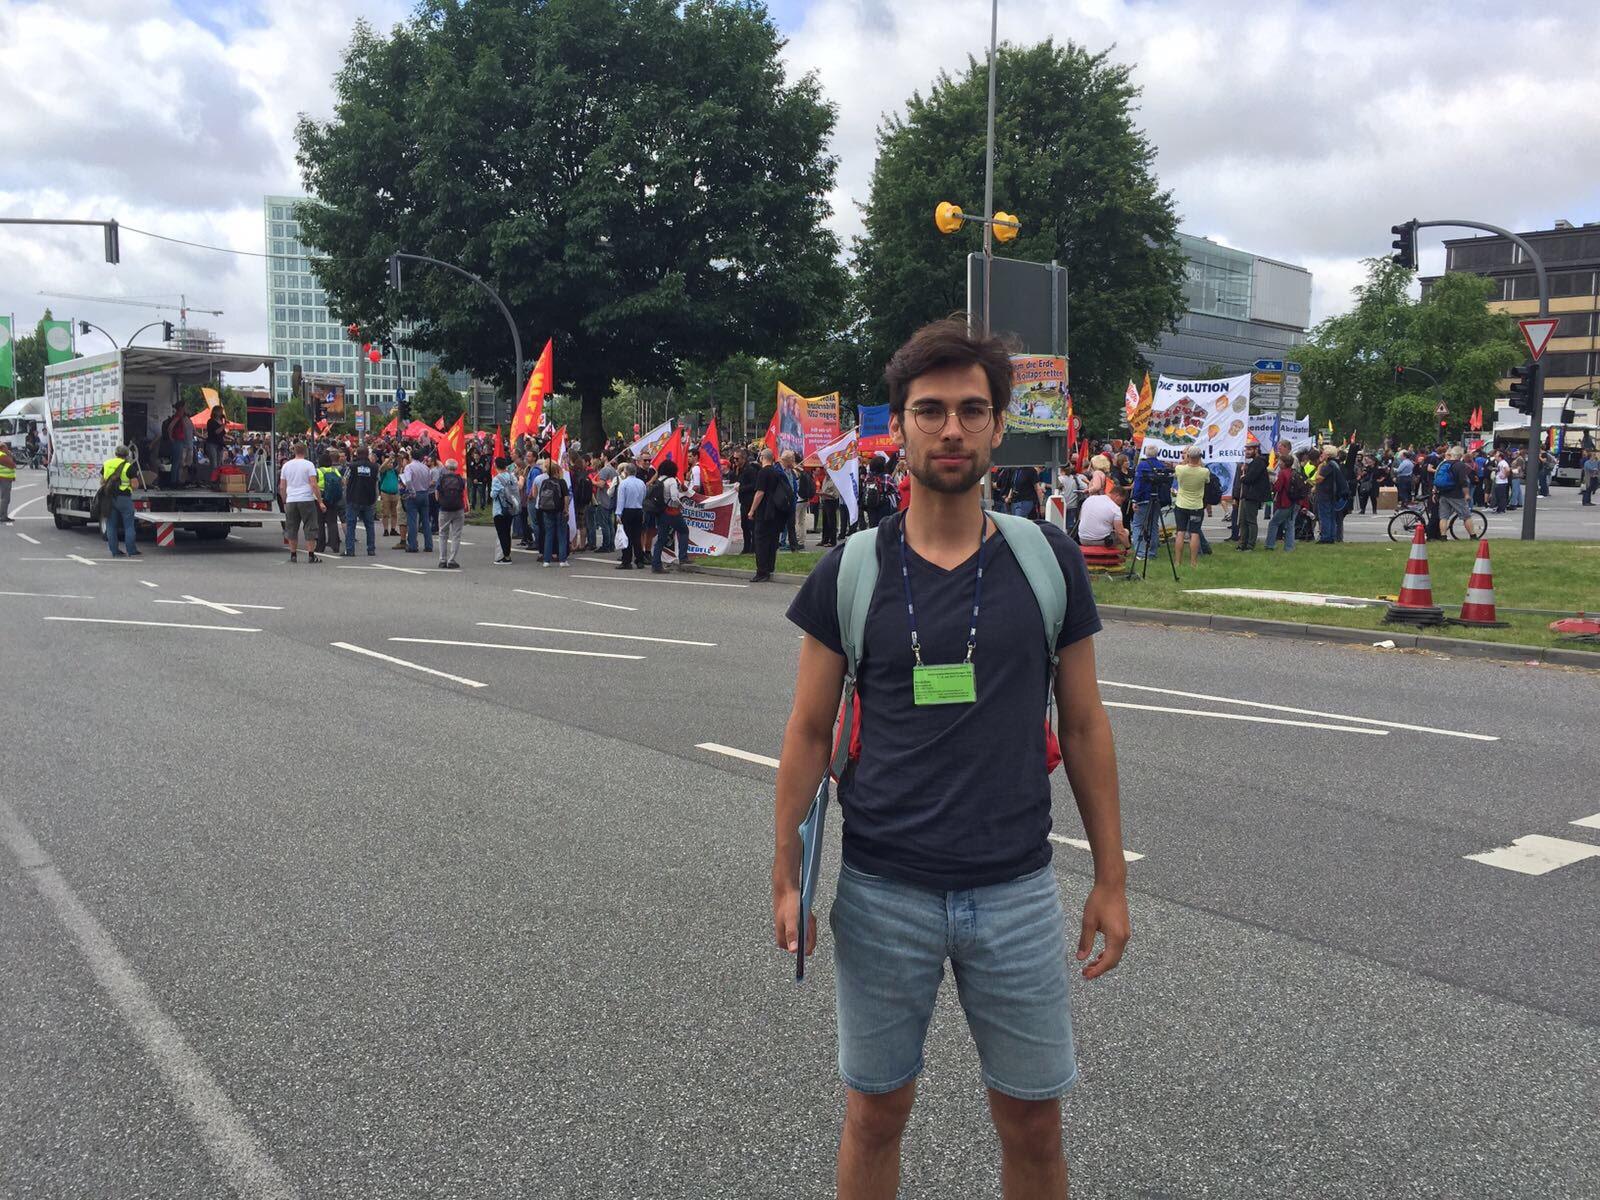 Pascal Ronc von den Demokratischen Juristen Schweiz ist als Beobachter der Kundgebungen rund um den G20-Gipfel in Hamburg.